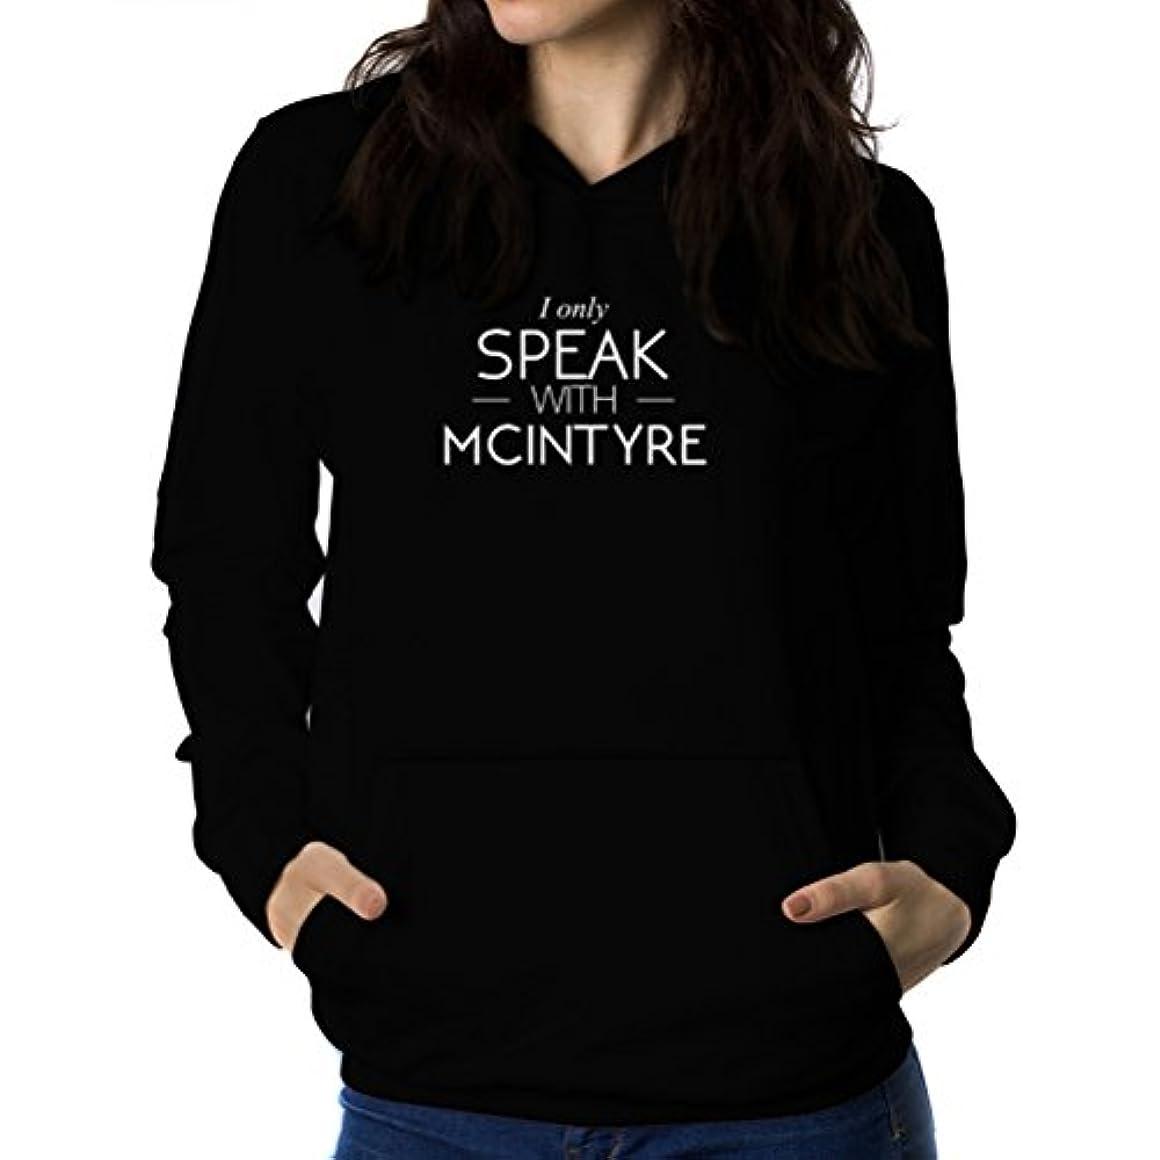 オーロック不適切なホイッスルI only speak with McIntyre 女性 フーディー